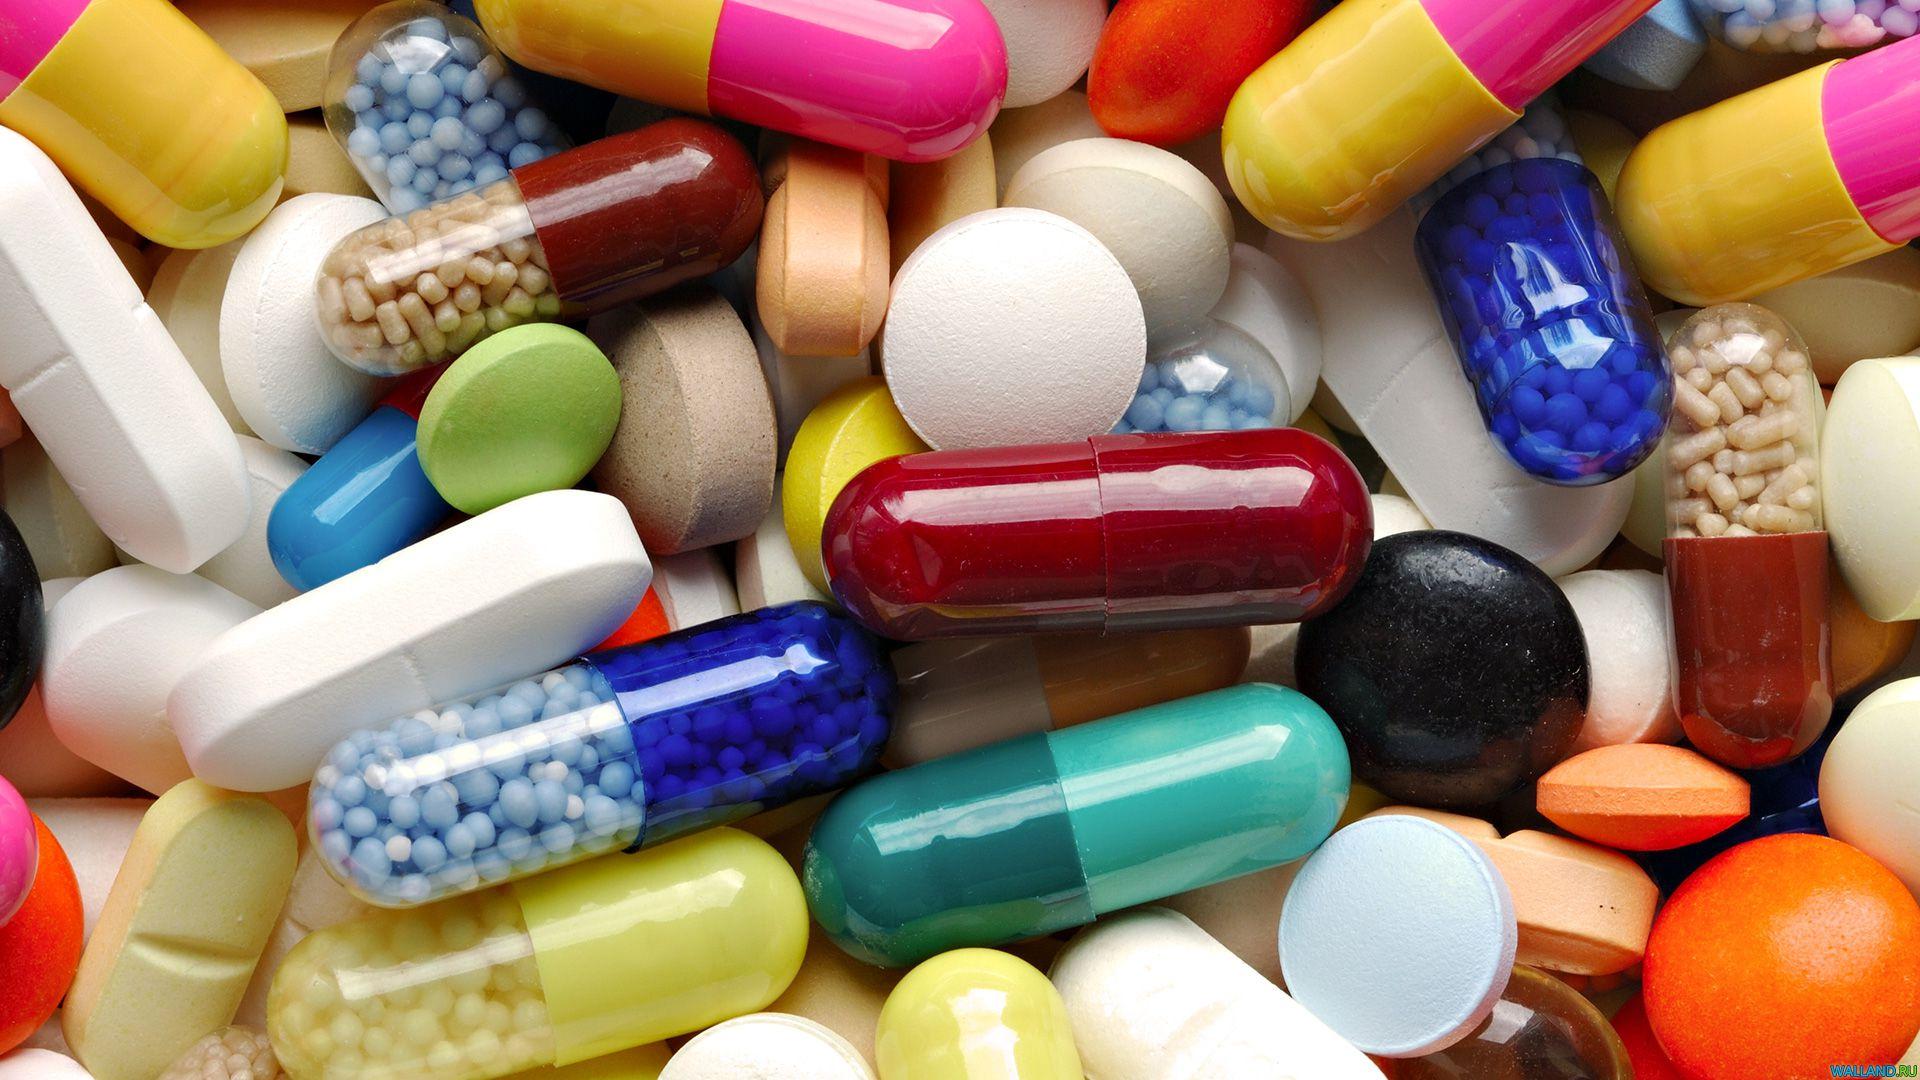 препараты для лечения лейкоза